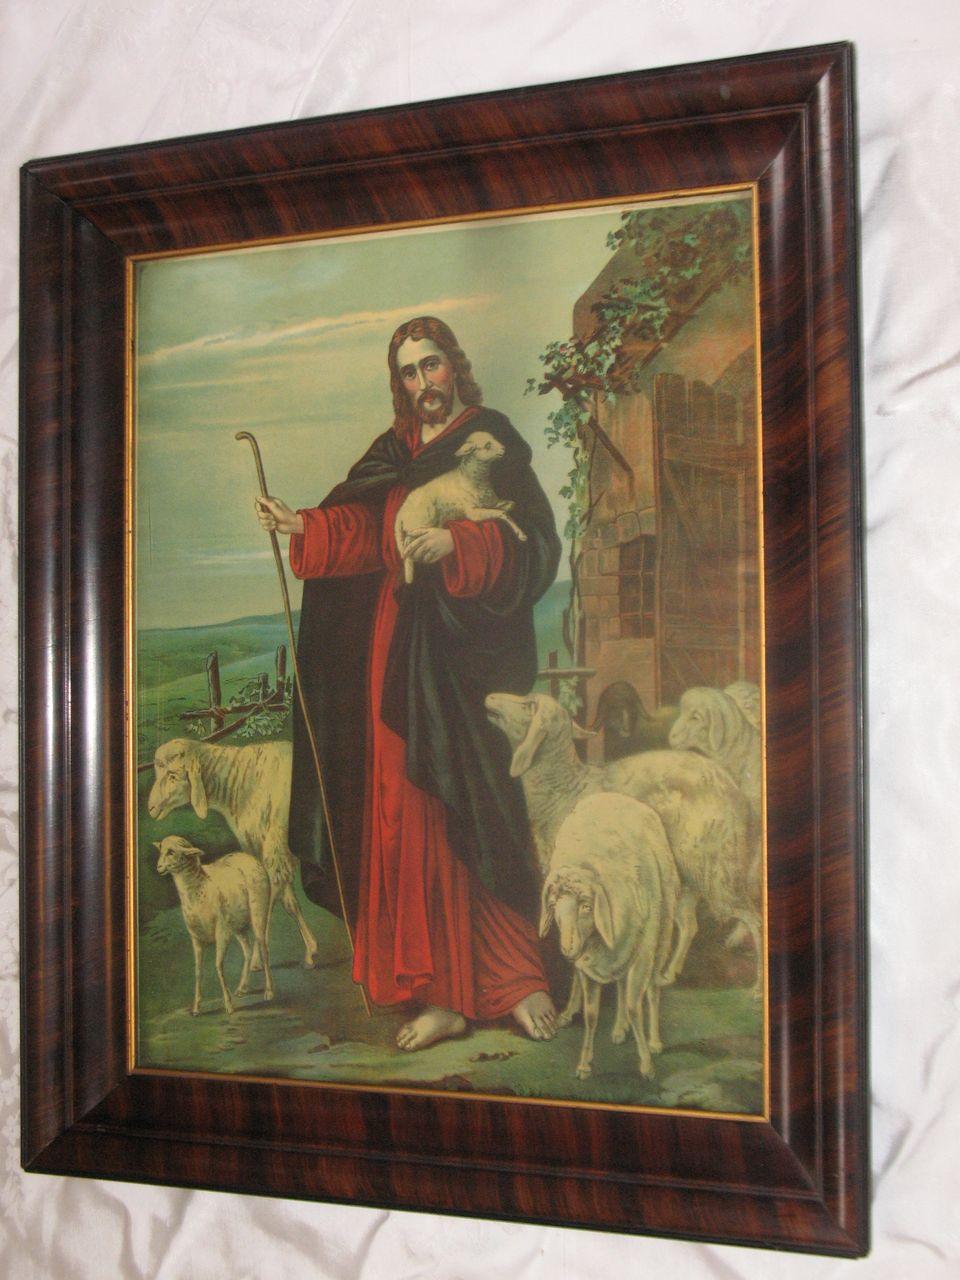 Vintage Religious Chromolithograph The Good Shepherd Jesus